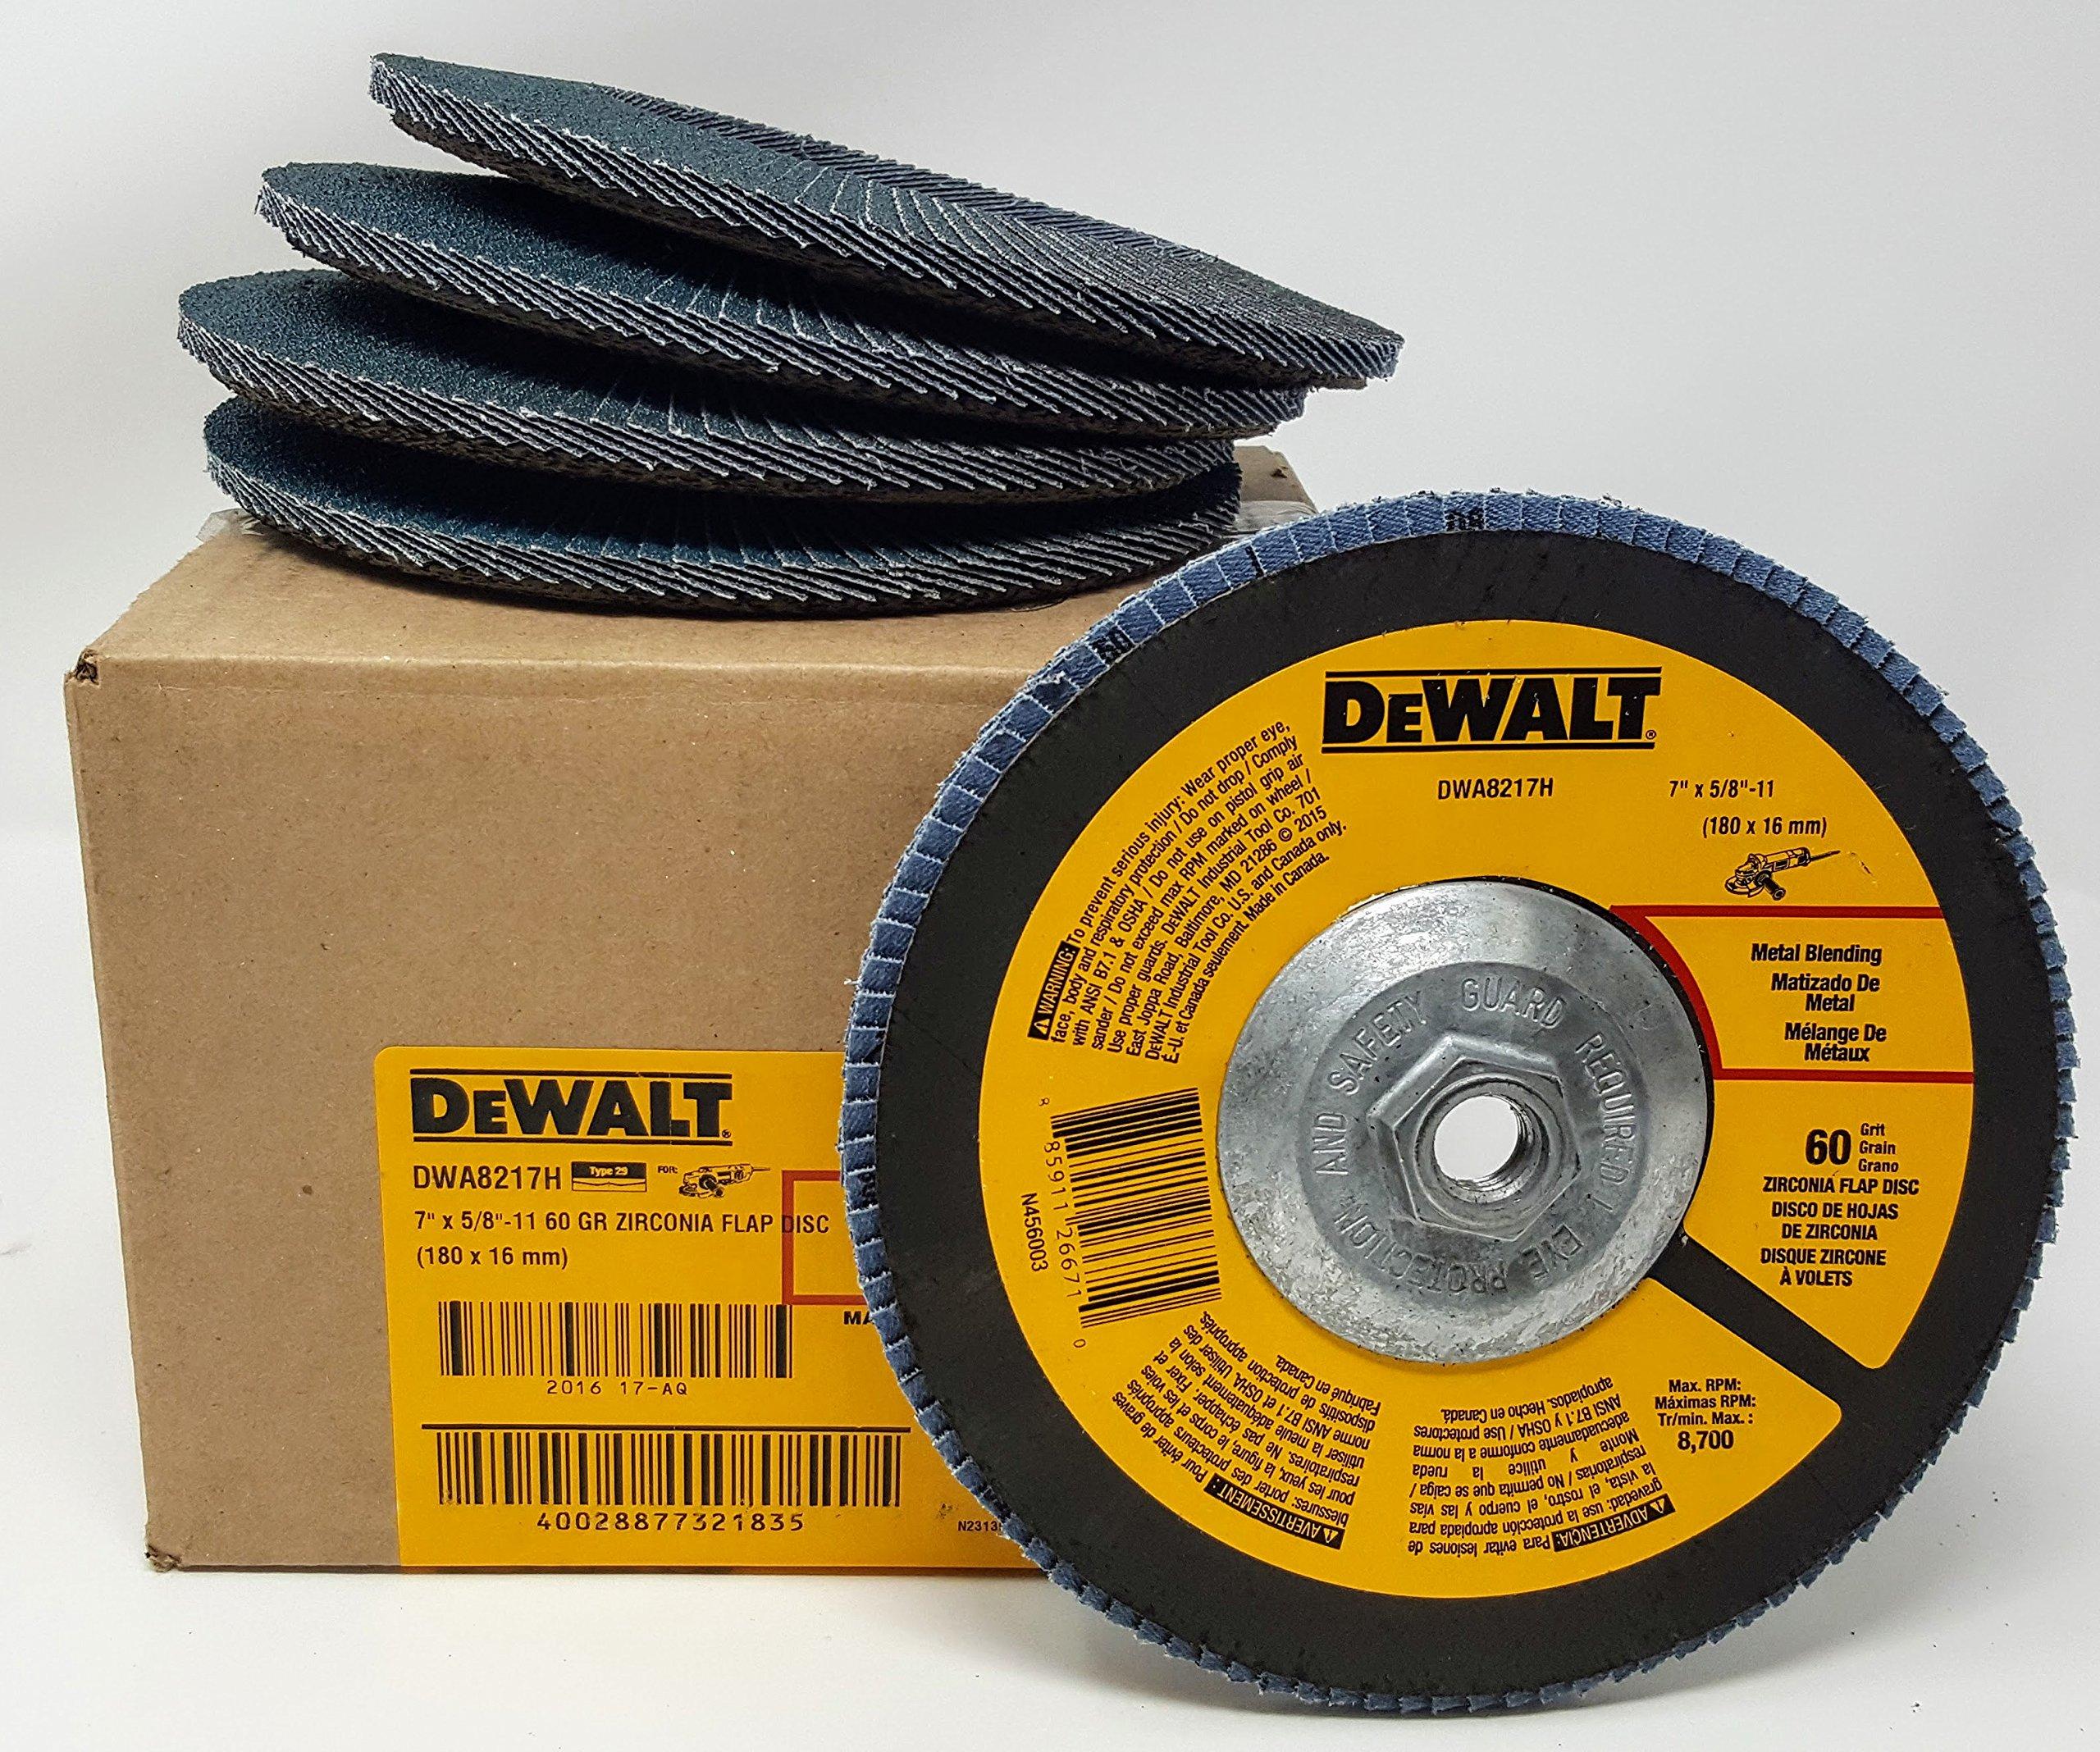 (5-PK) DEWALT DWA8217H 7'' X 5/8-11 Thread T29 60 GRIT FLAP DISCS